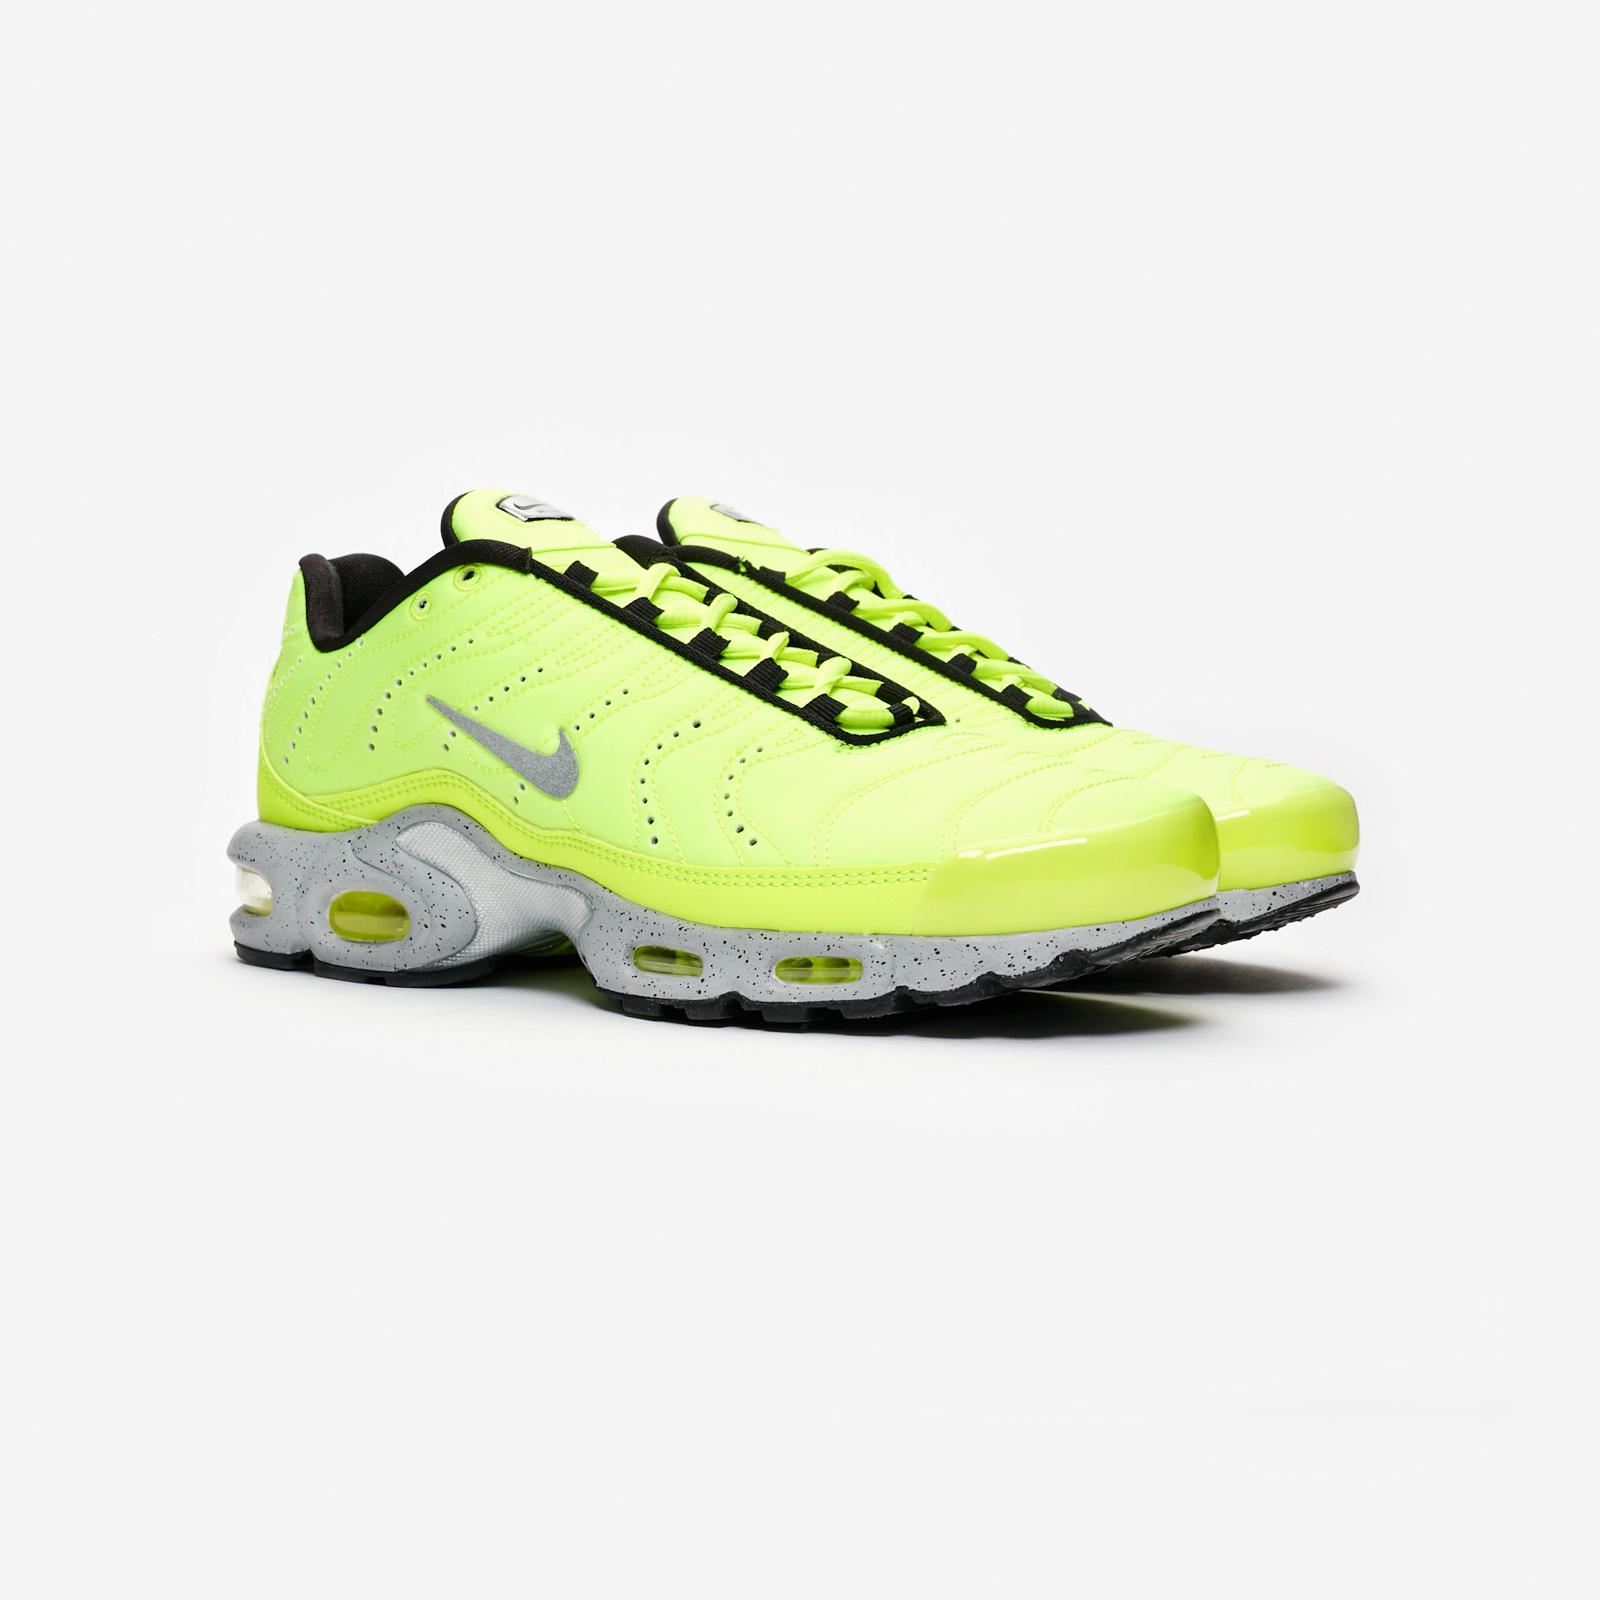 41fc211960 Nike Air Max Plus Premium - 815994-700 - Sneakersnstuff | sneakers ...